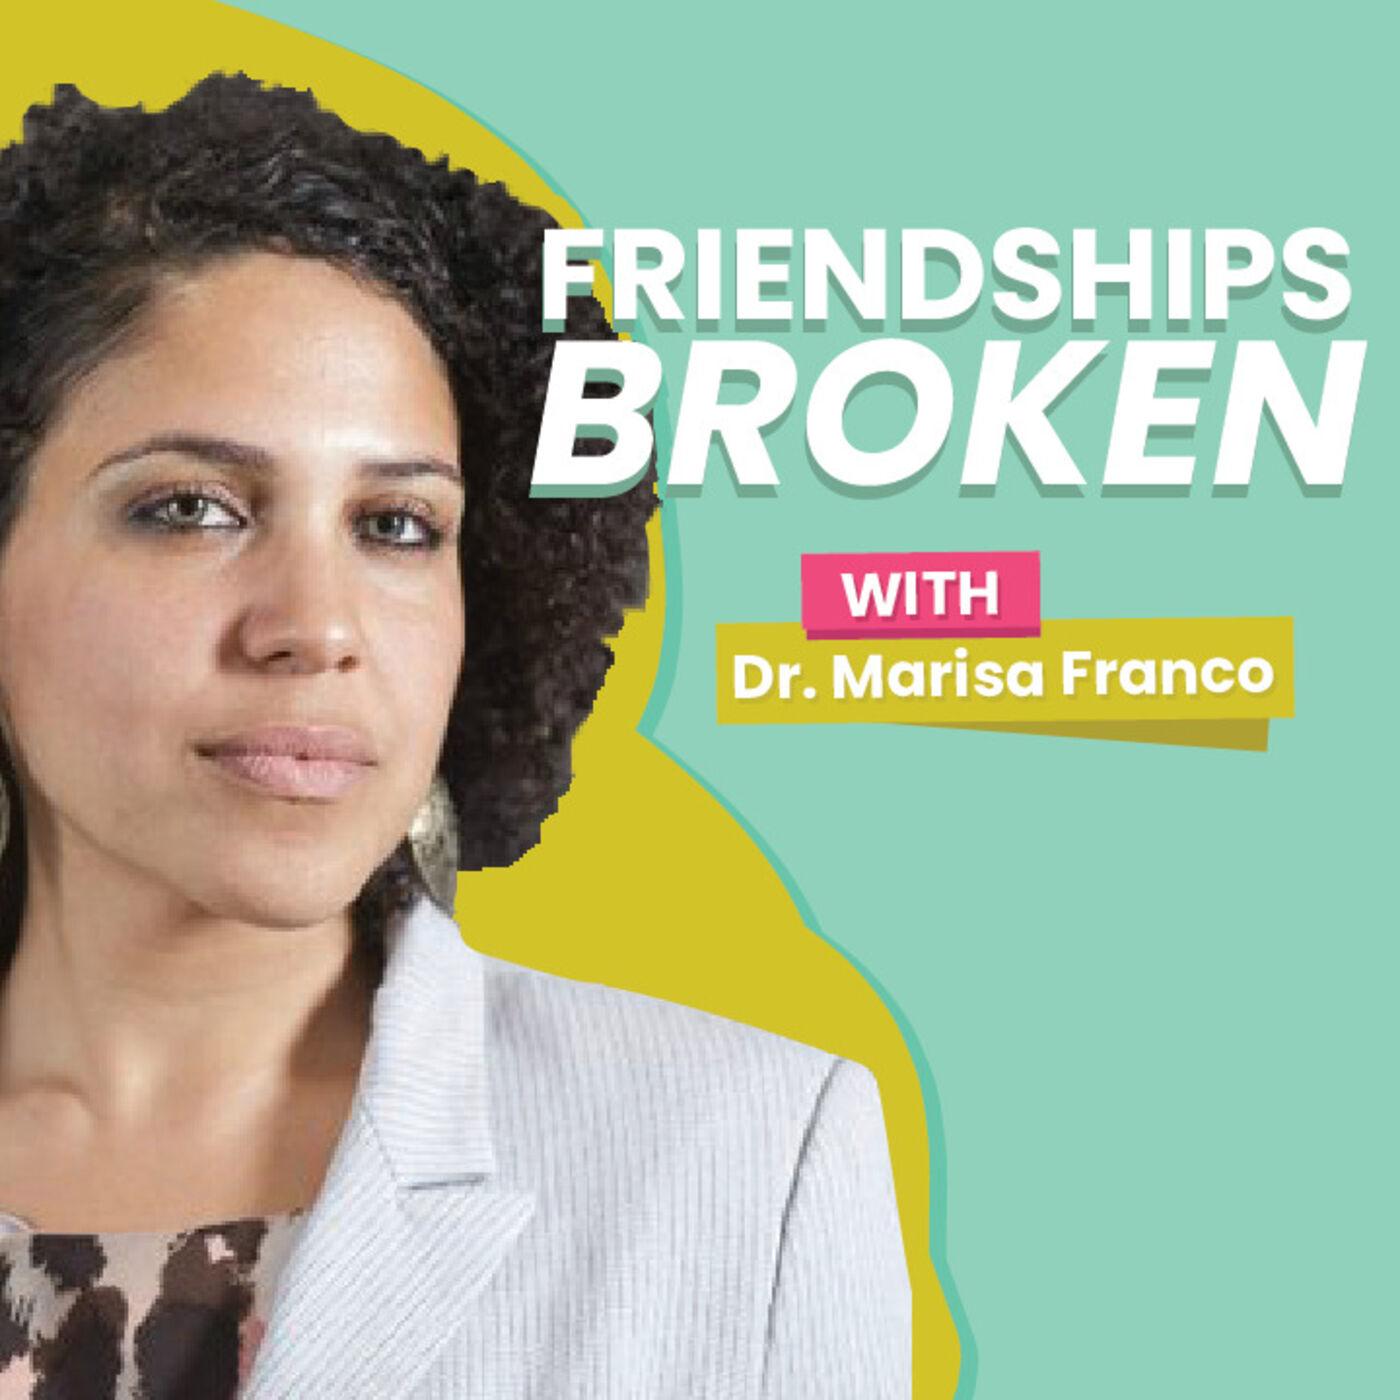 Ep 2 | Friendships Broken